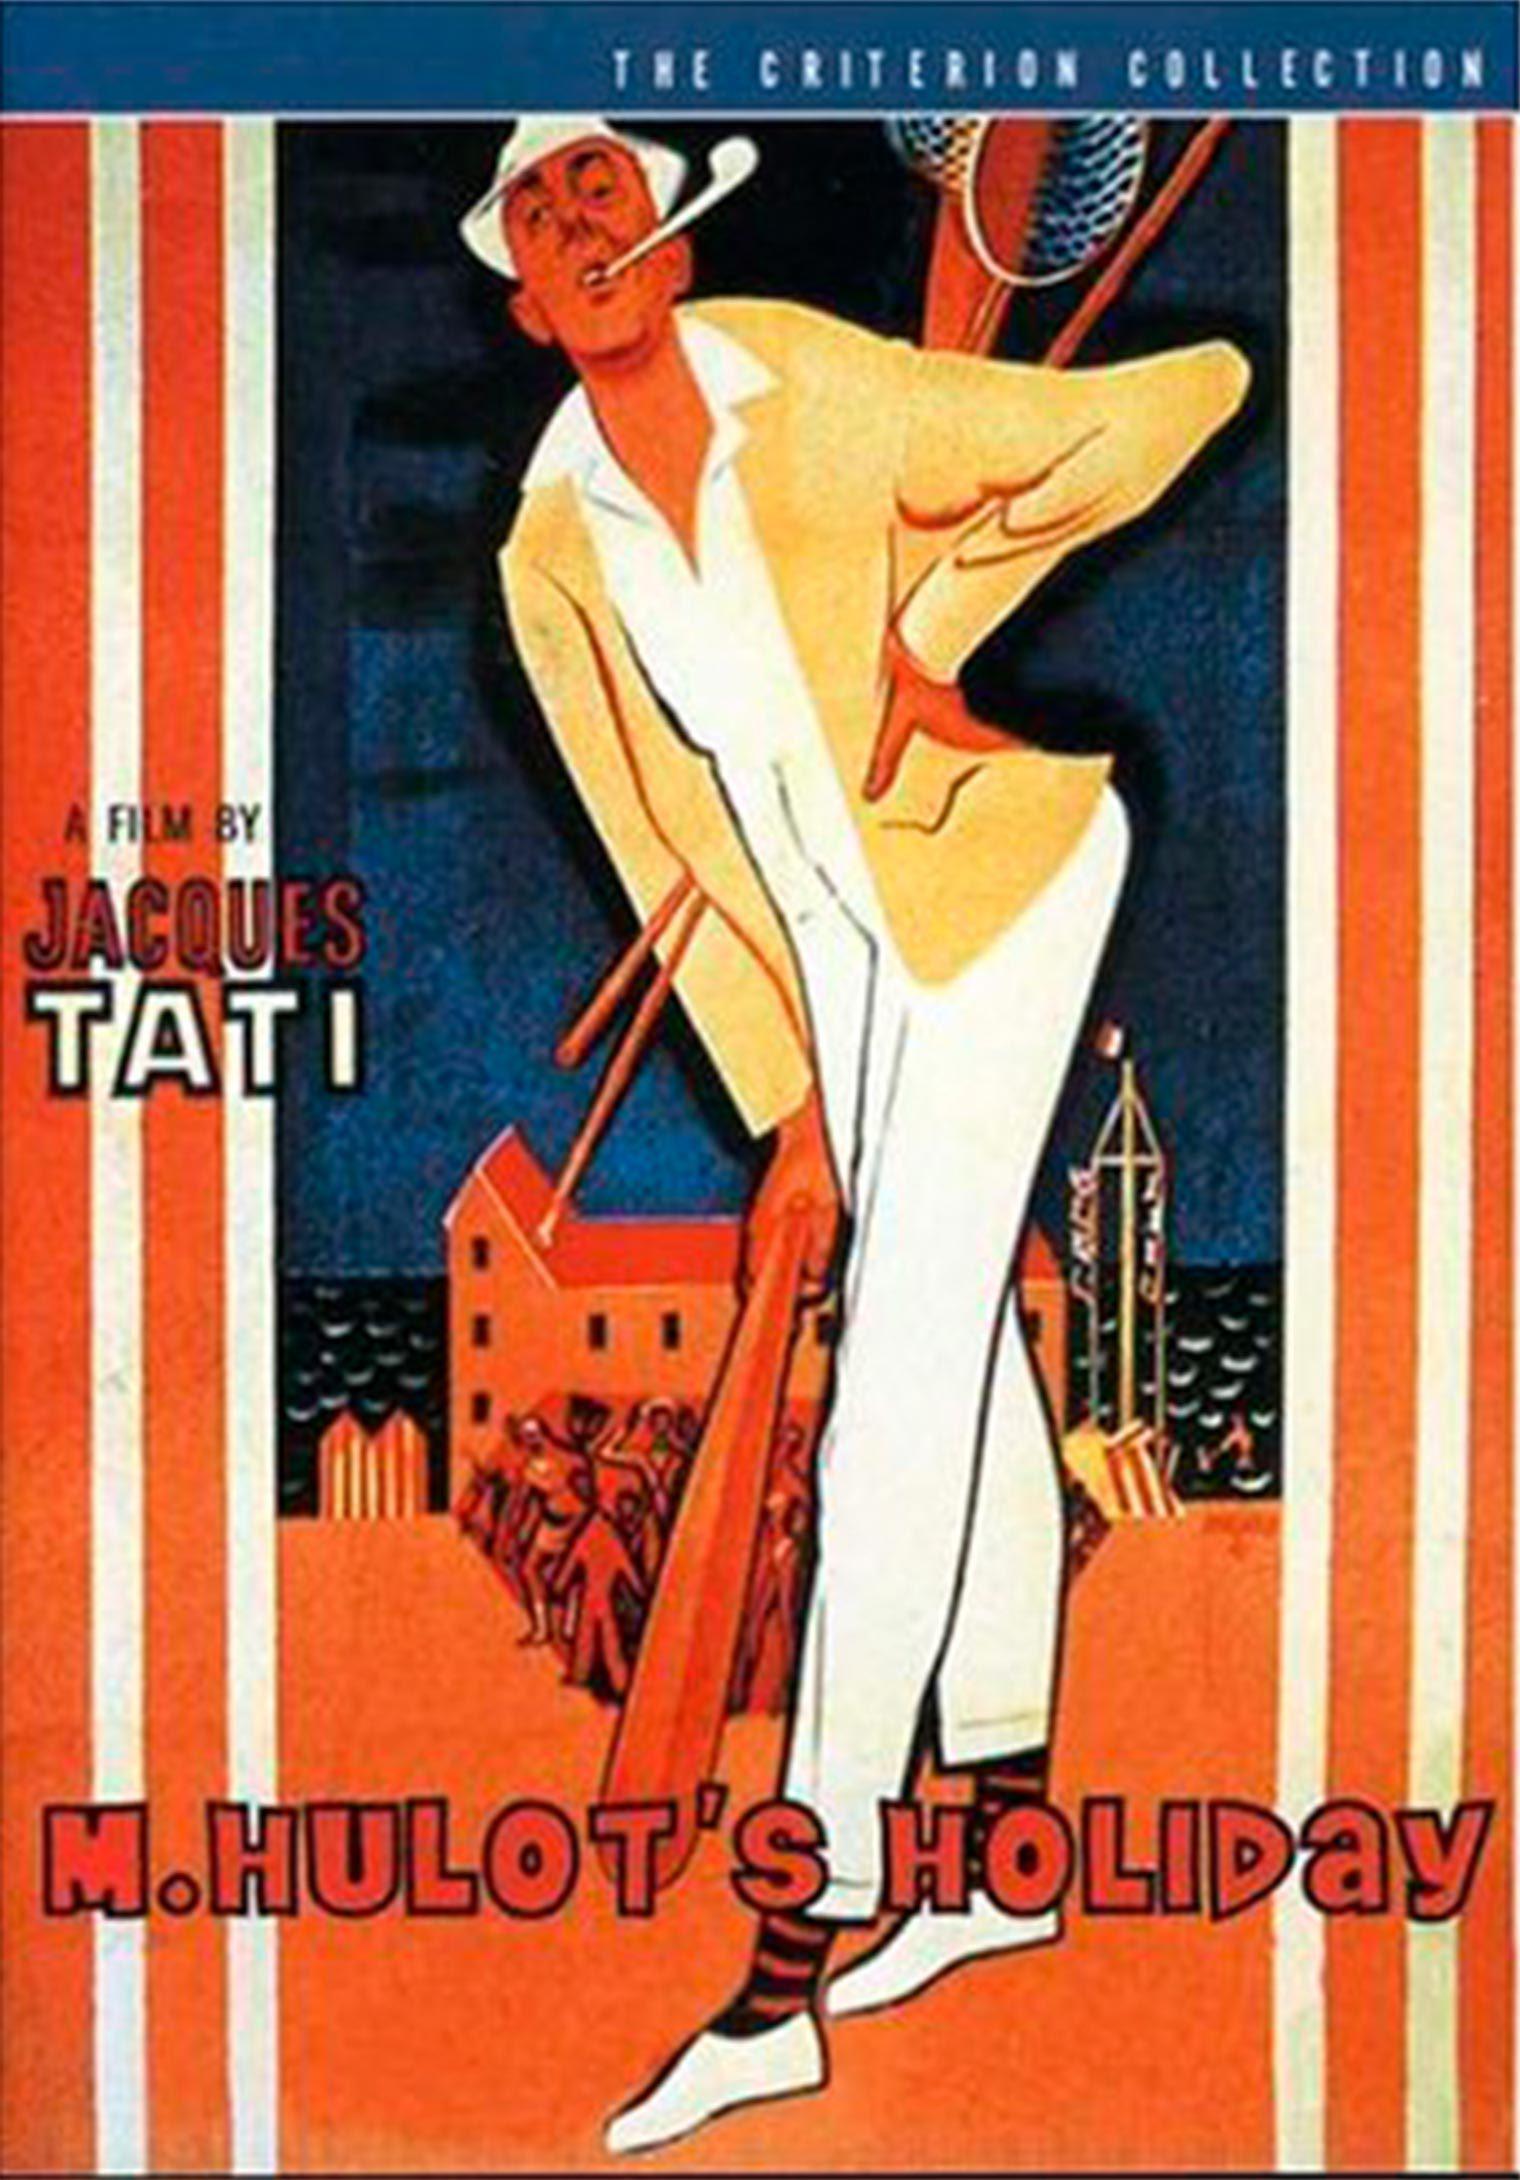 M. Hulots Holiday